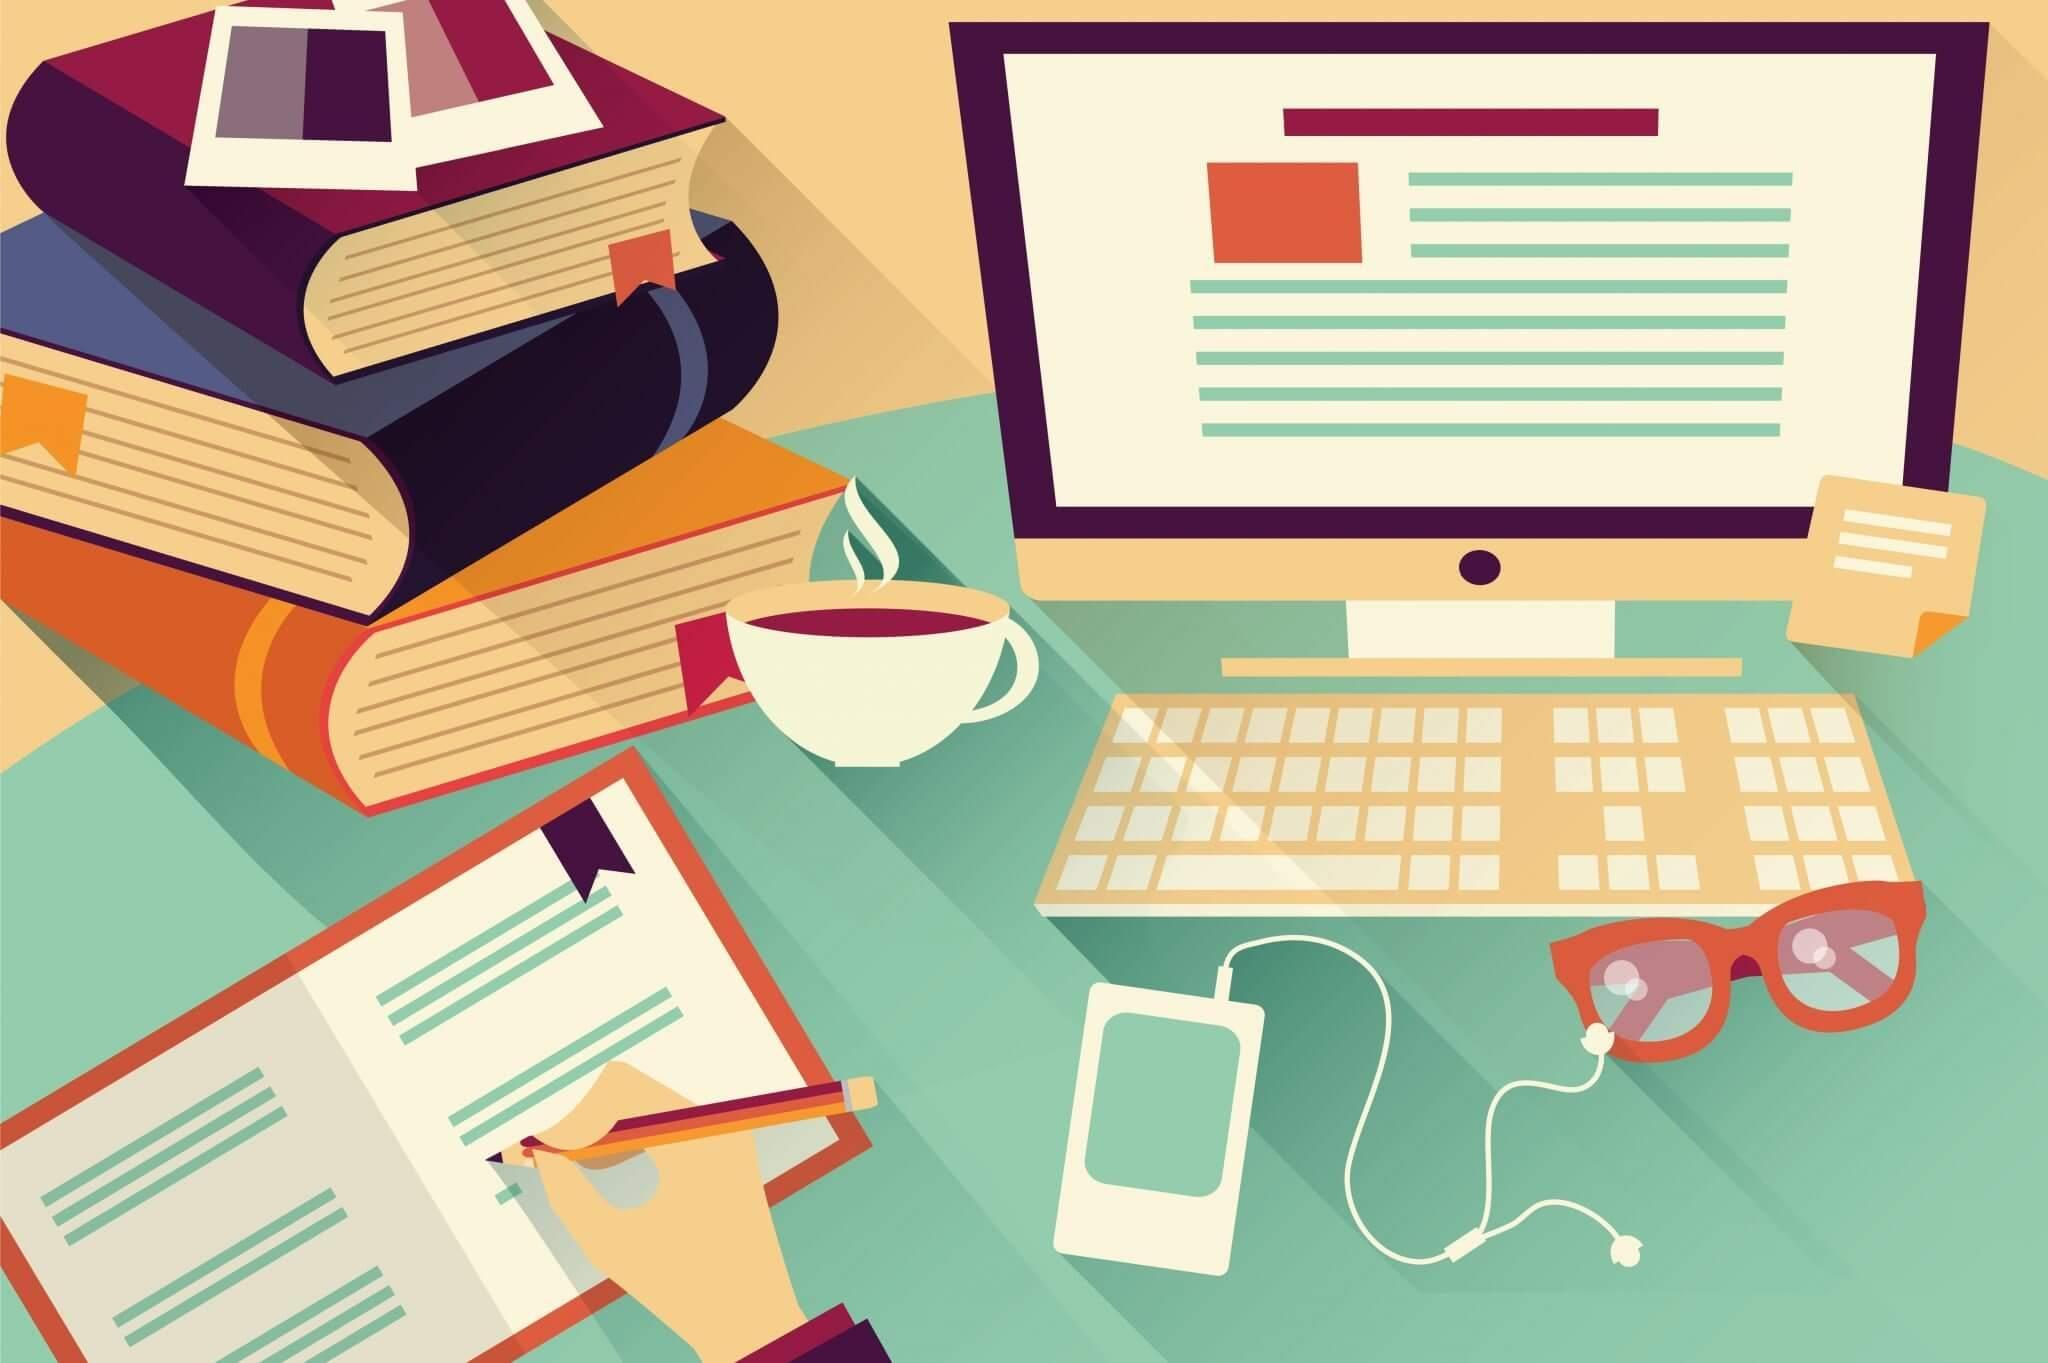 como usar pacote office de graca - Tutorial: como usar o Pacote Office de graça